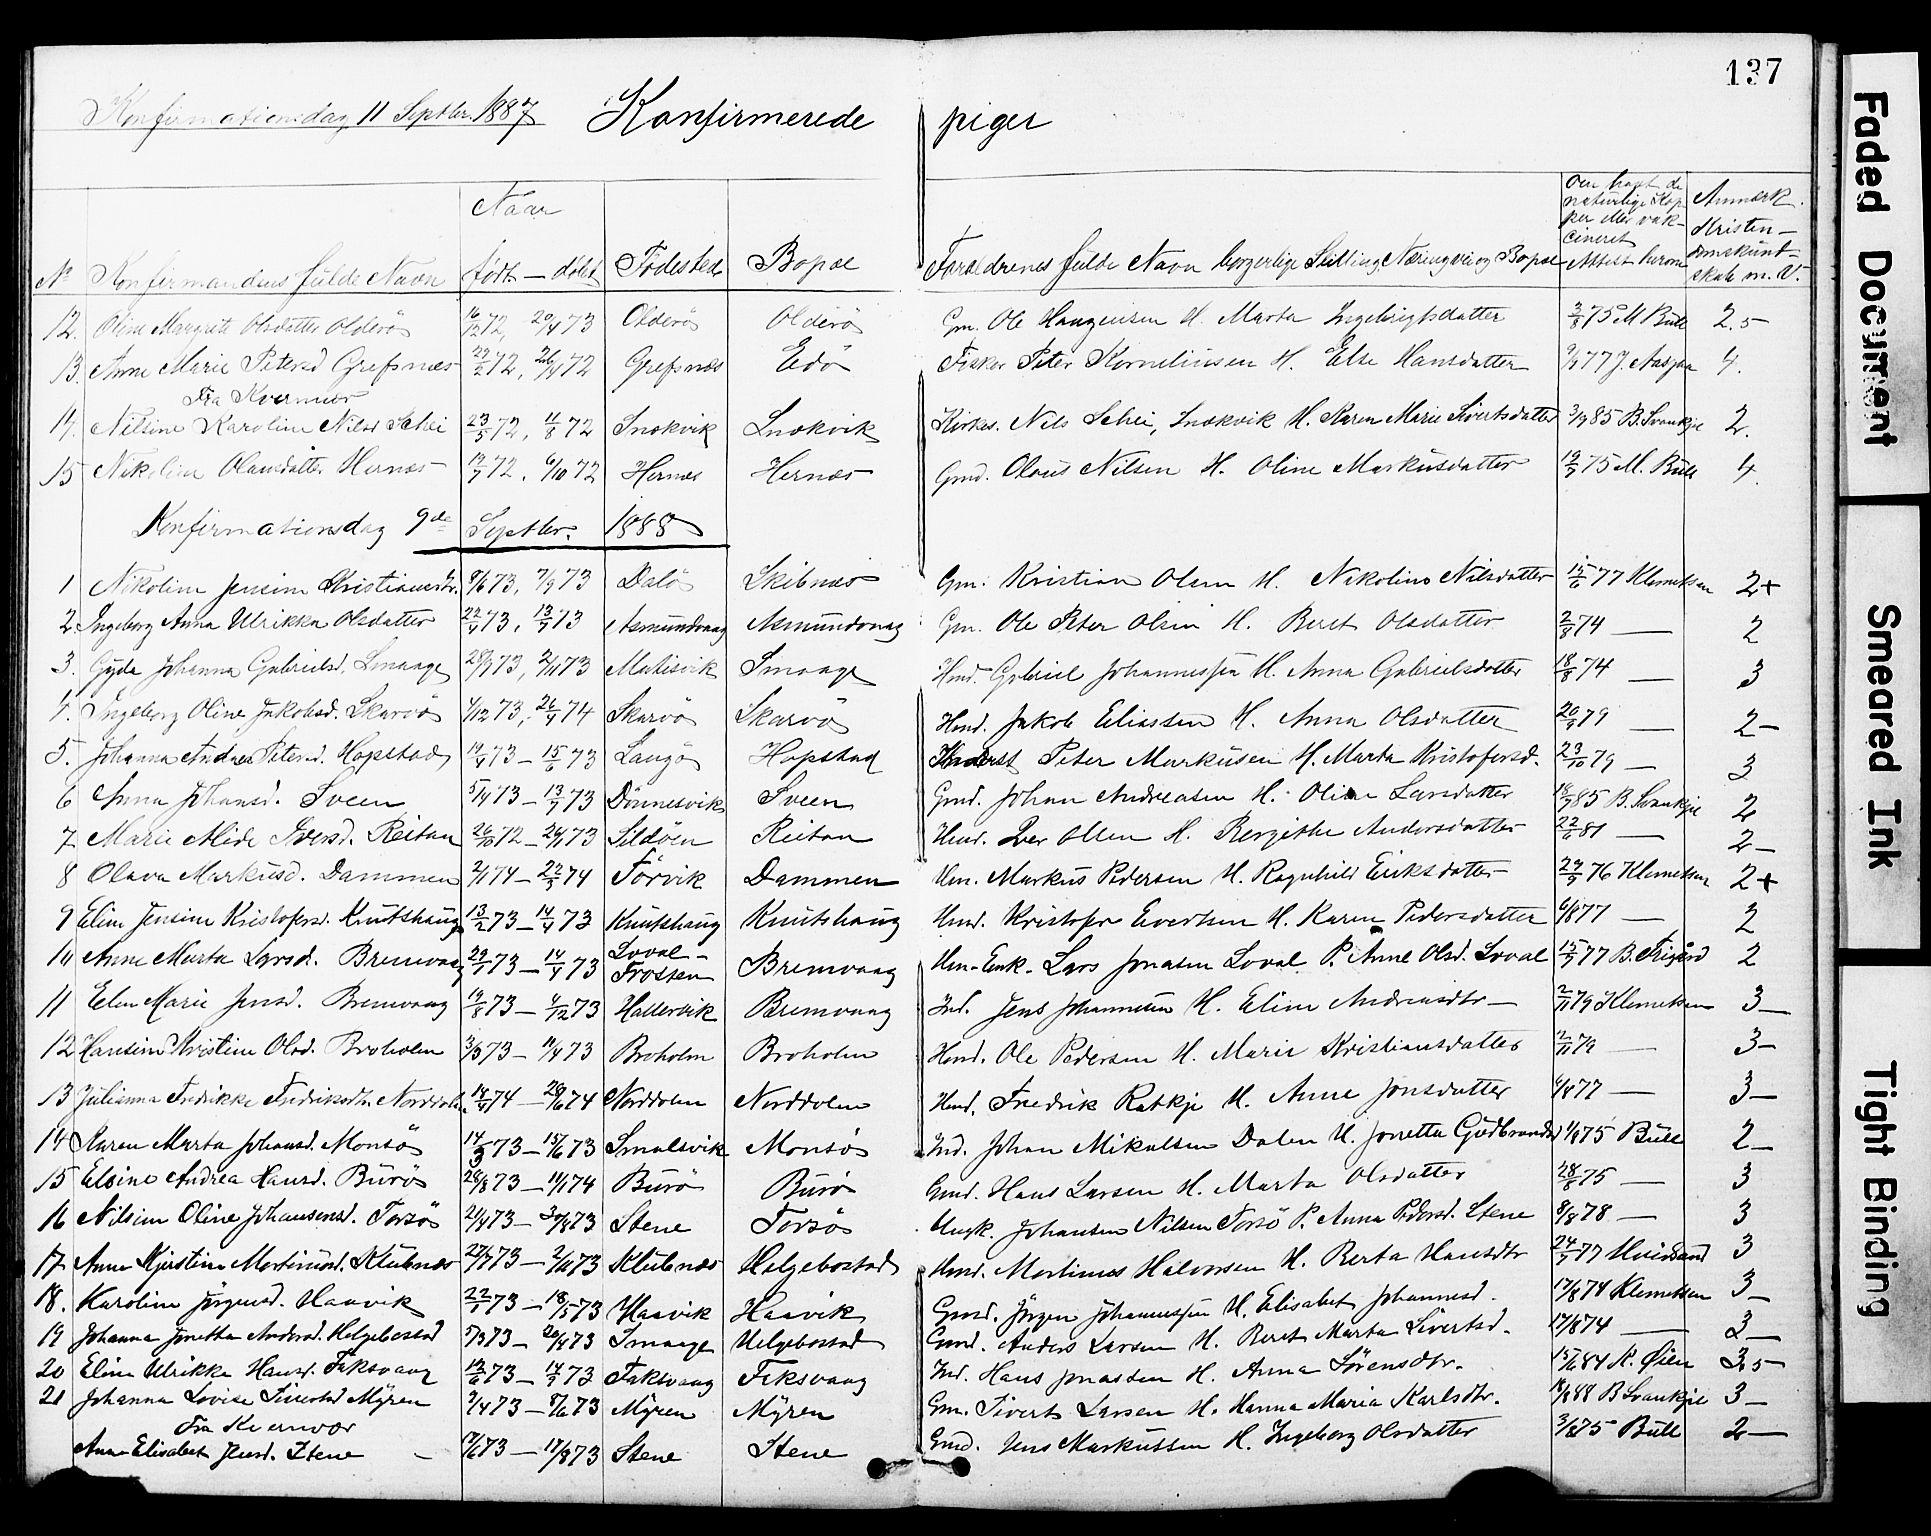 SAT, Ministerialprotokoller, klokkerbøker og fødselsregistre - Sør-Trøndelag, 634/L0541: Klokkerbok nr. 634C03, 1874-1891, s. 137